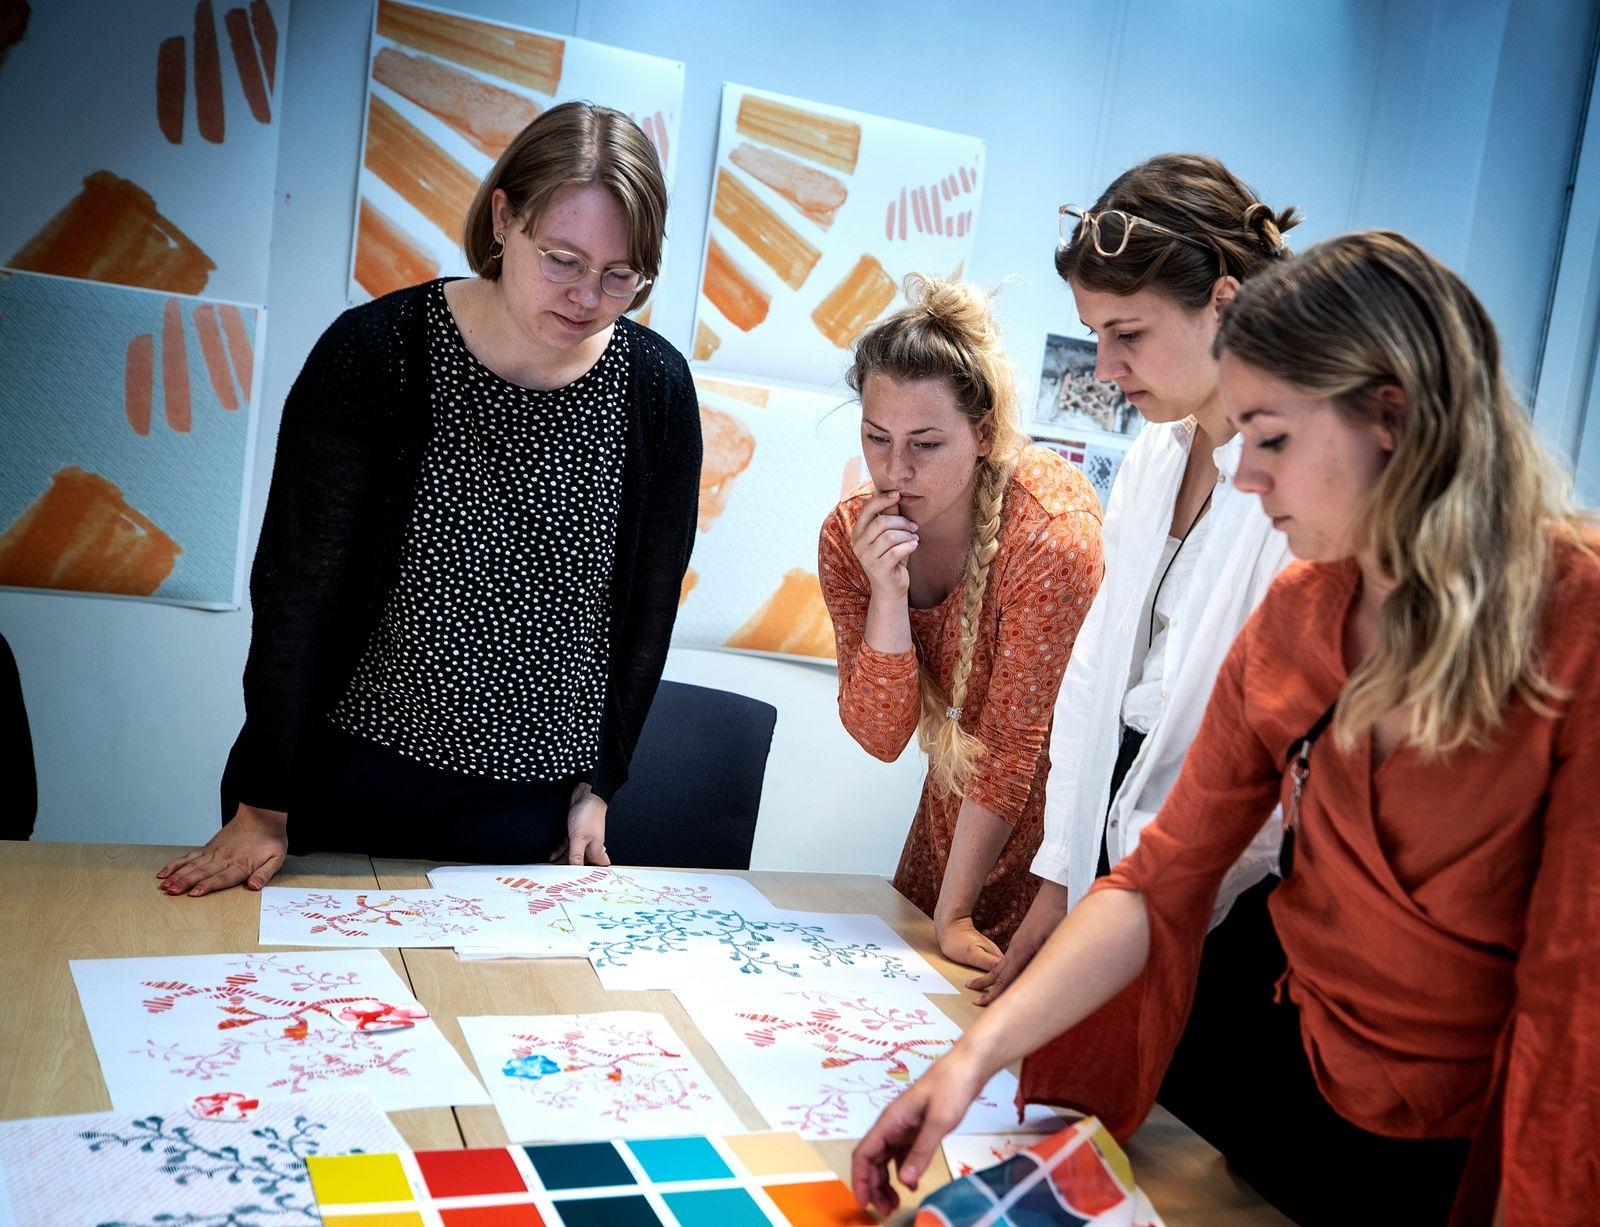 Studenter från Textilhögskolan i Borås har fått i uppdrag av Riksbyggen och AB Bostäder att ta fram en design till en textil som ska hänga i det stora glaspartiet i kontorsfastigheten Viskaholm.